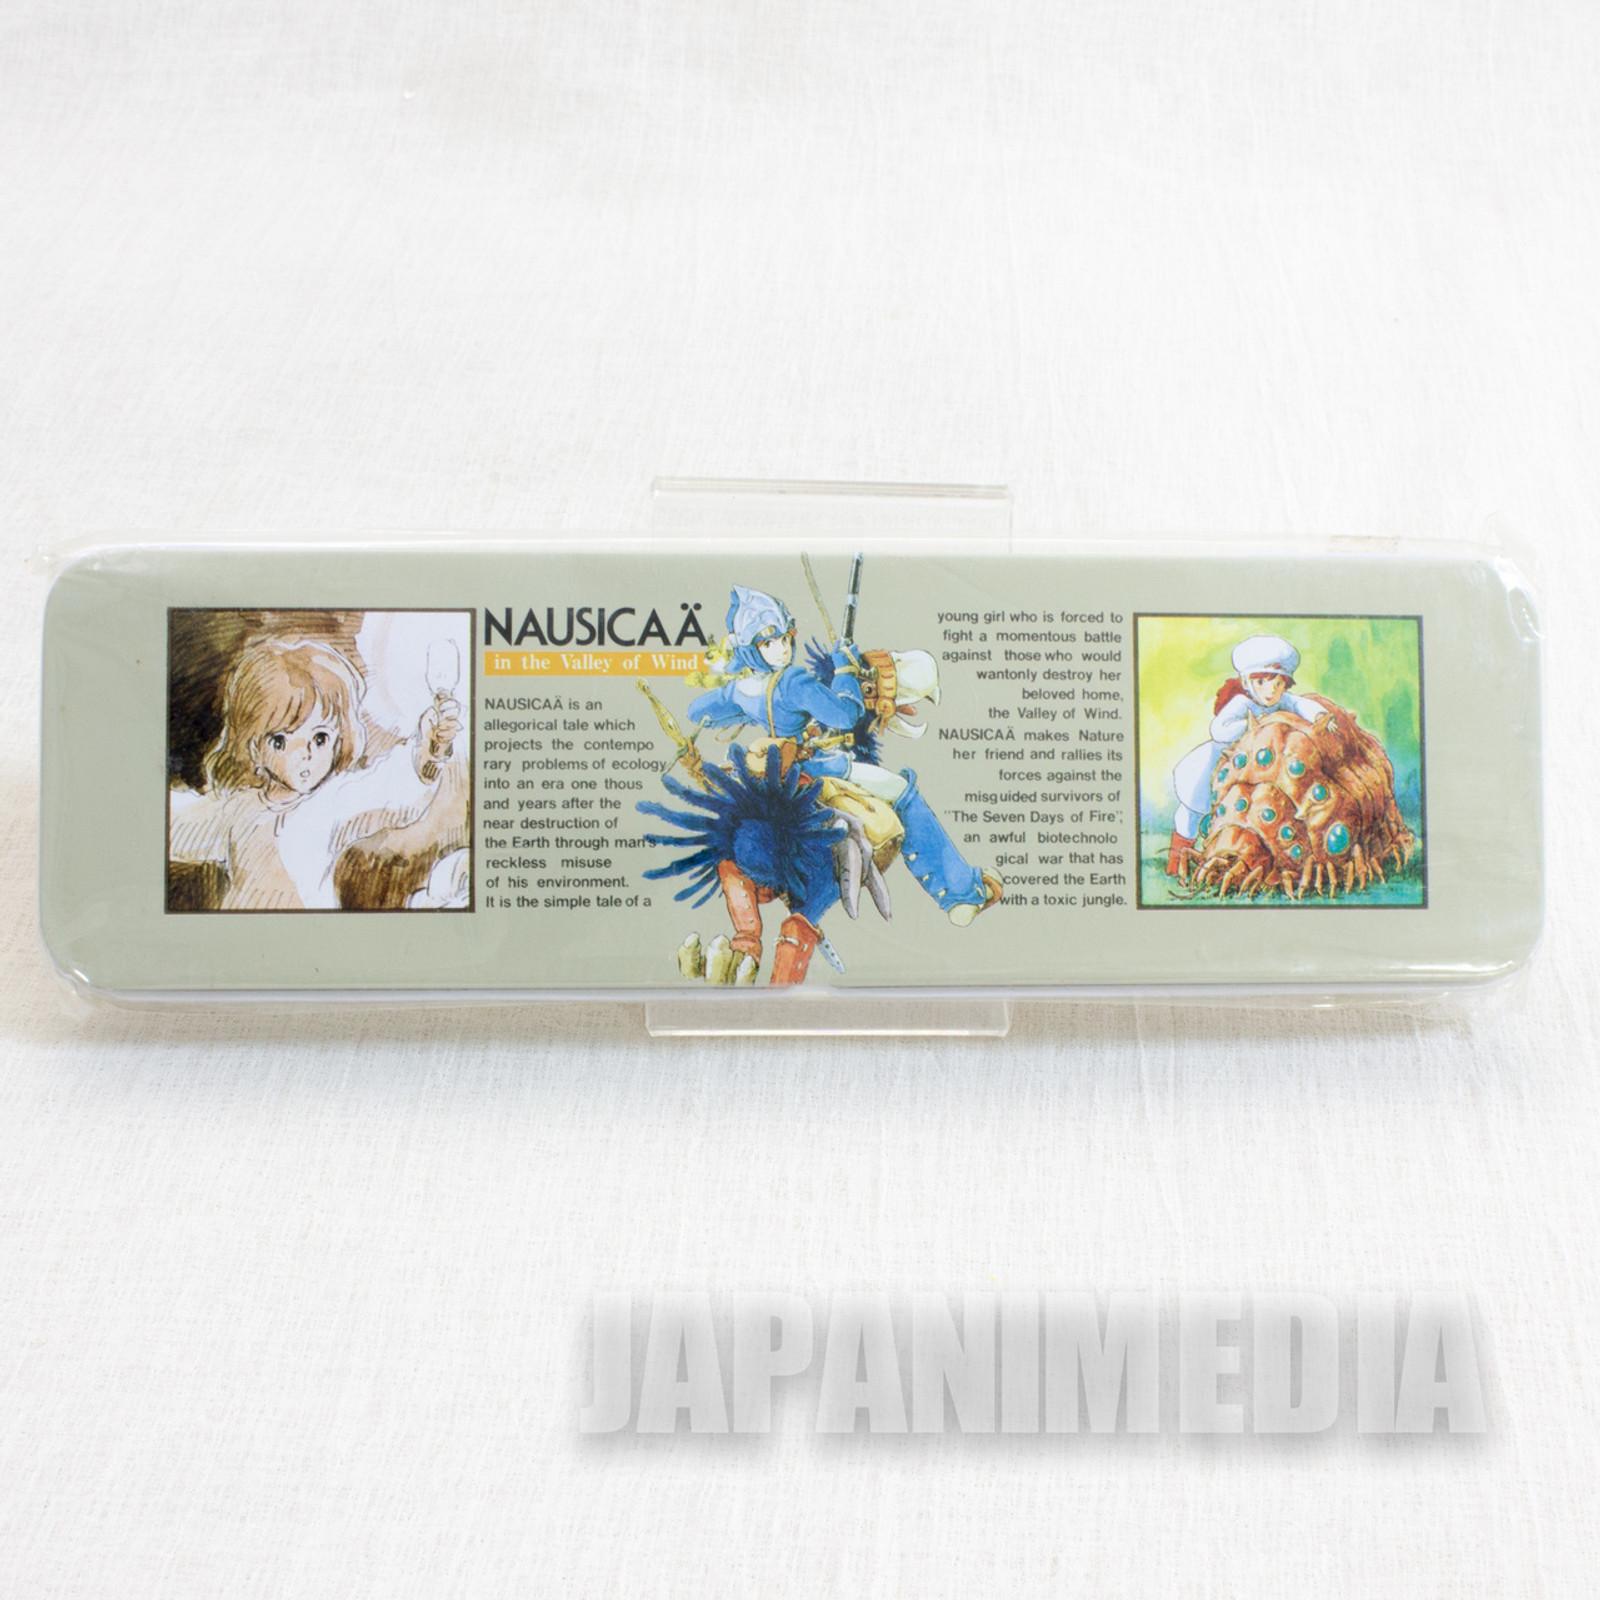 Retro RARE Nausicaa of the Valley Can Pen Case Tokuma Shoten Ghibli JAPAN 4